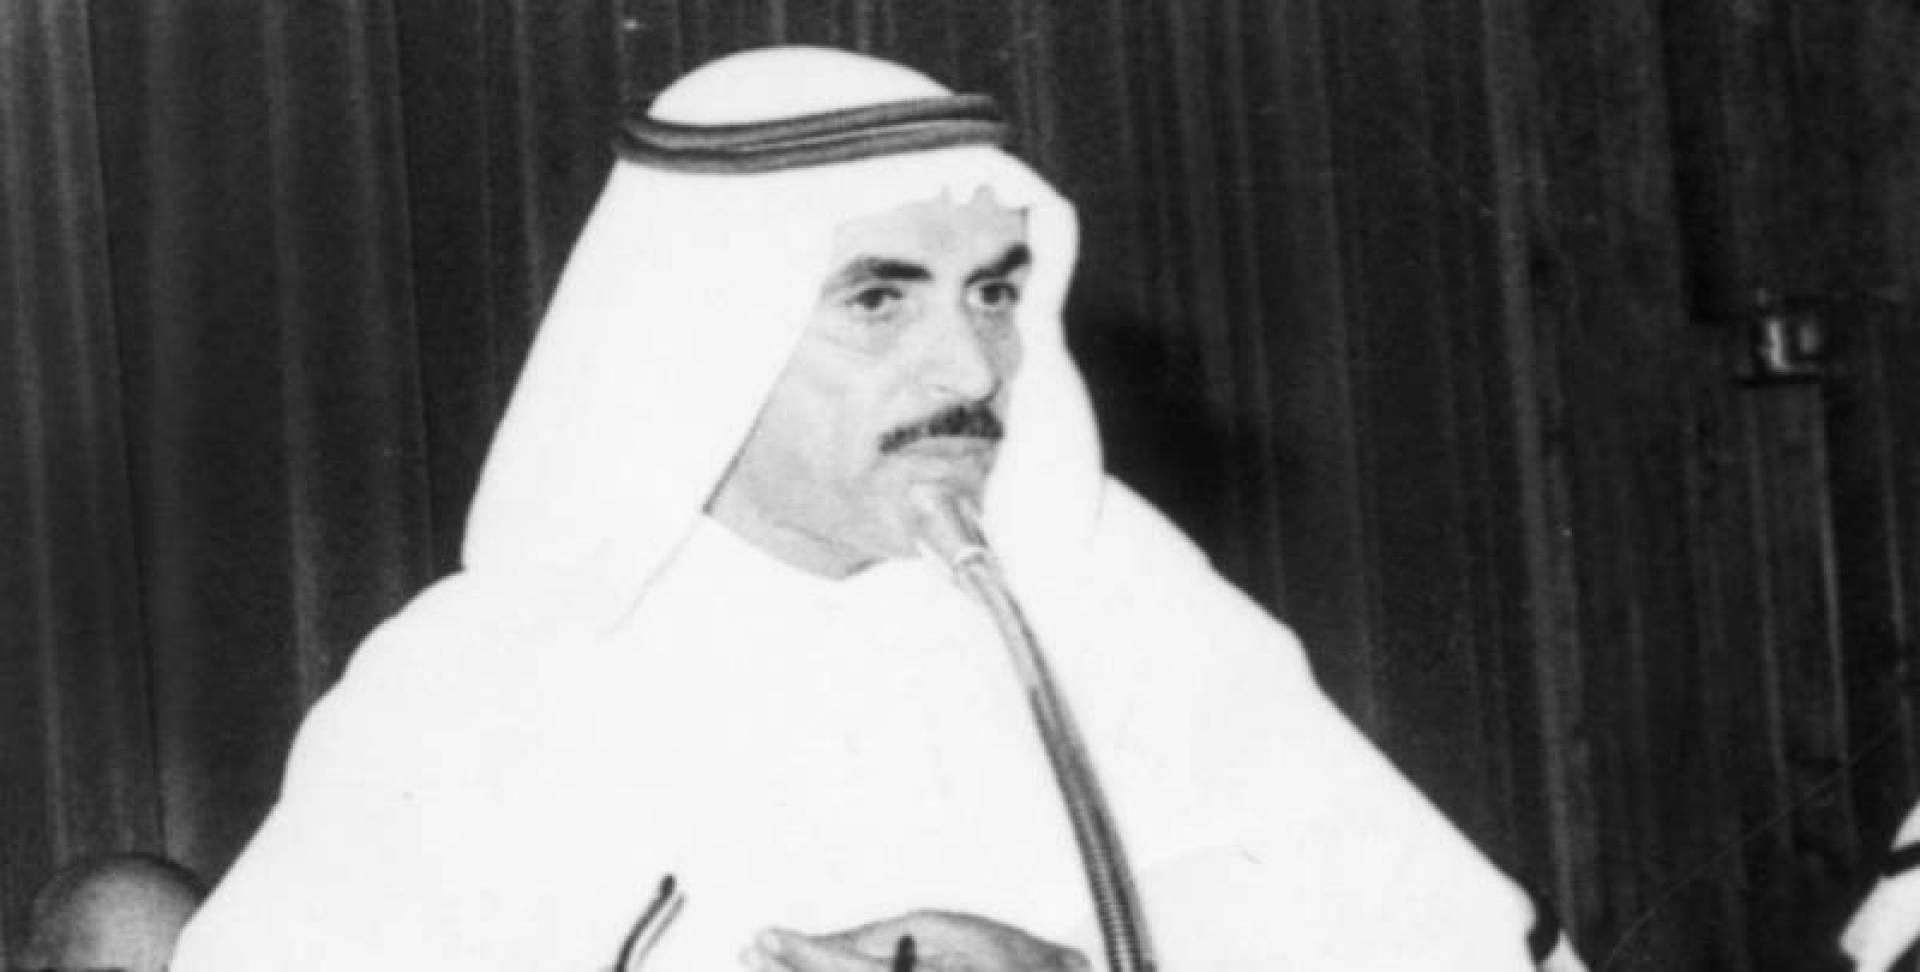 1974  ناصر العصيمي رئيس جمعية خيطان التعاونية: يمكن للحكومة مساعدة الجمعيات.. ولكن دون الاشتراك في رأسمالها